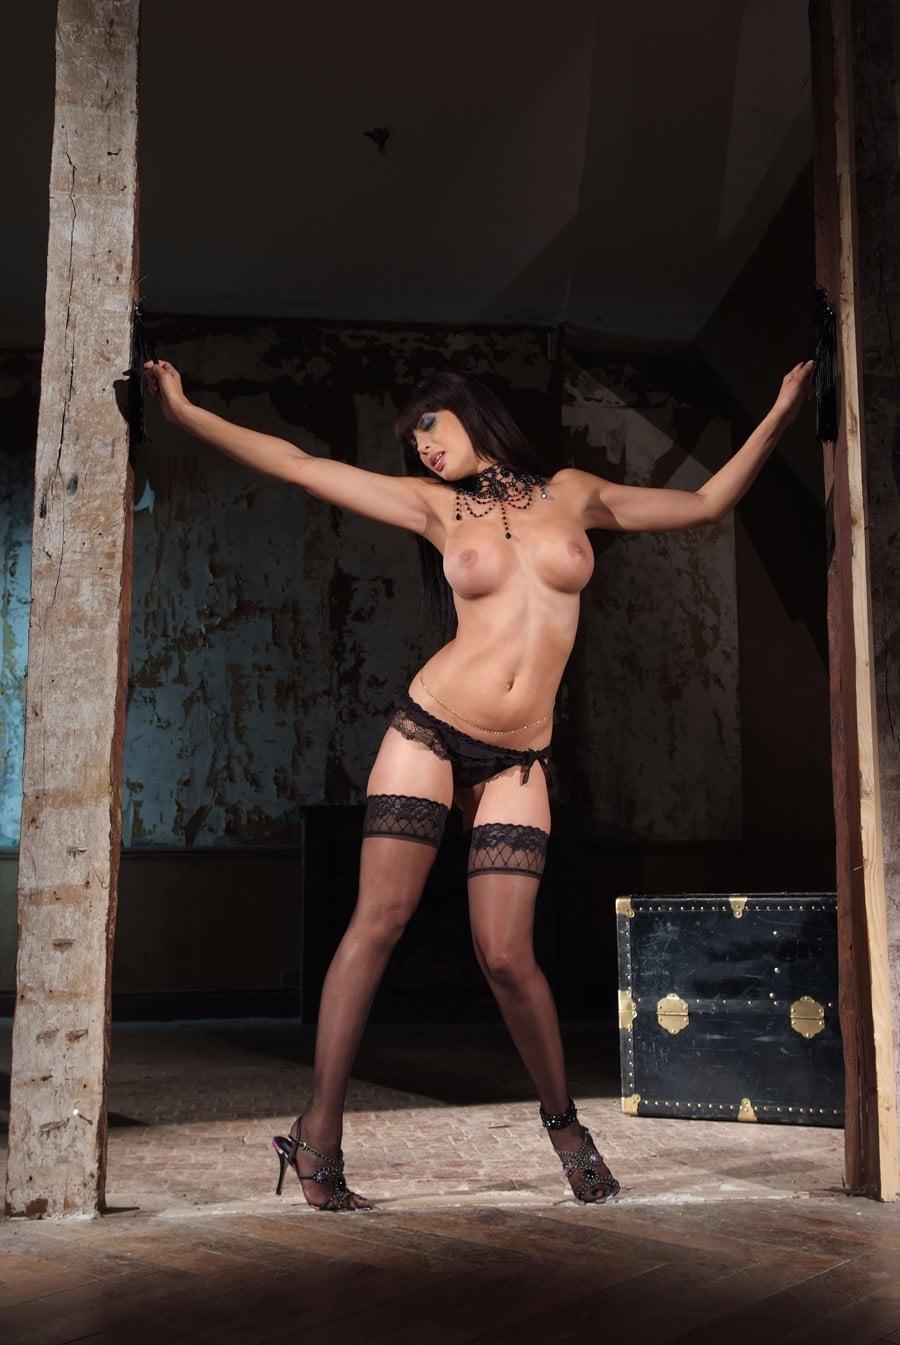 yasmine-chienne-beurette-soumise-baisee-dorcel-24